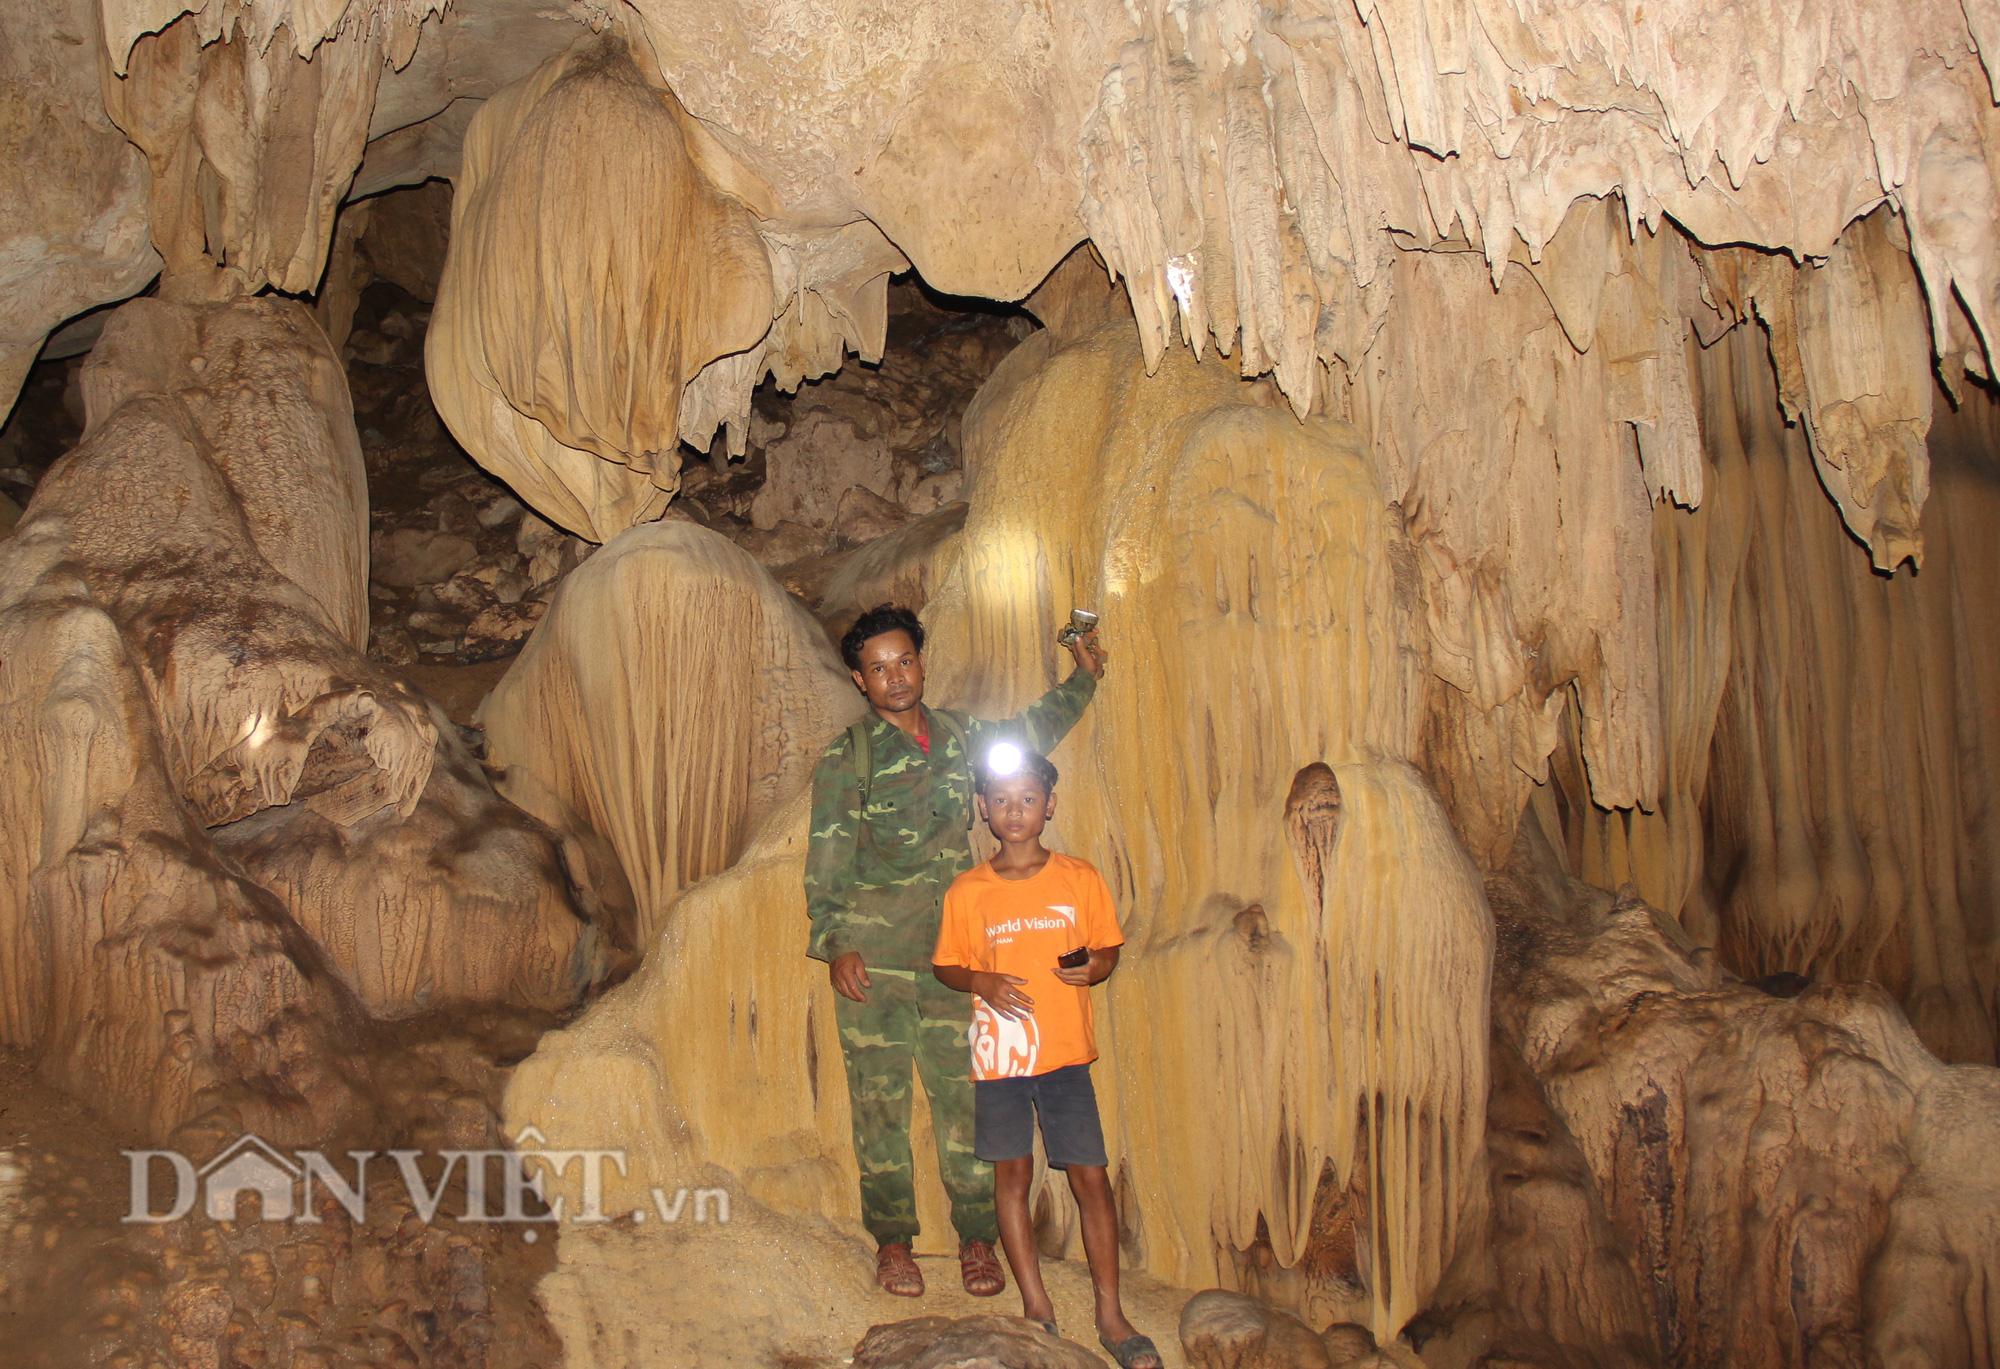 Quảng Trị: Phát hiện hang động mới, đẹp lung linh ở thôn Trỉa - Ảnh 6.